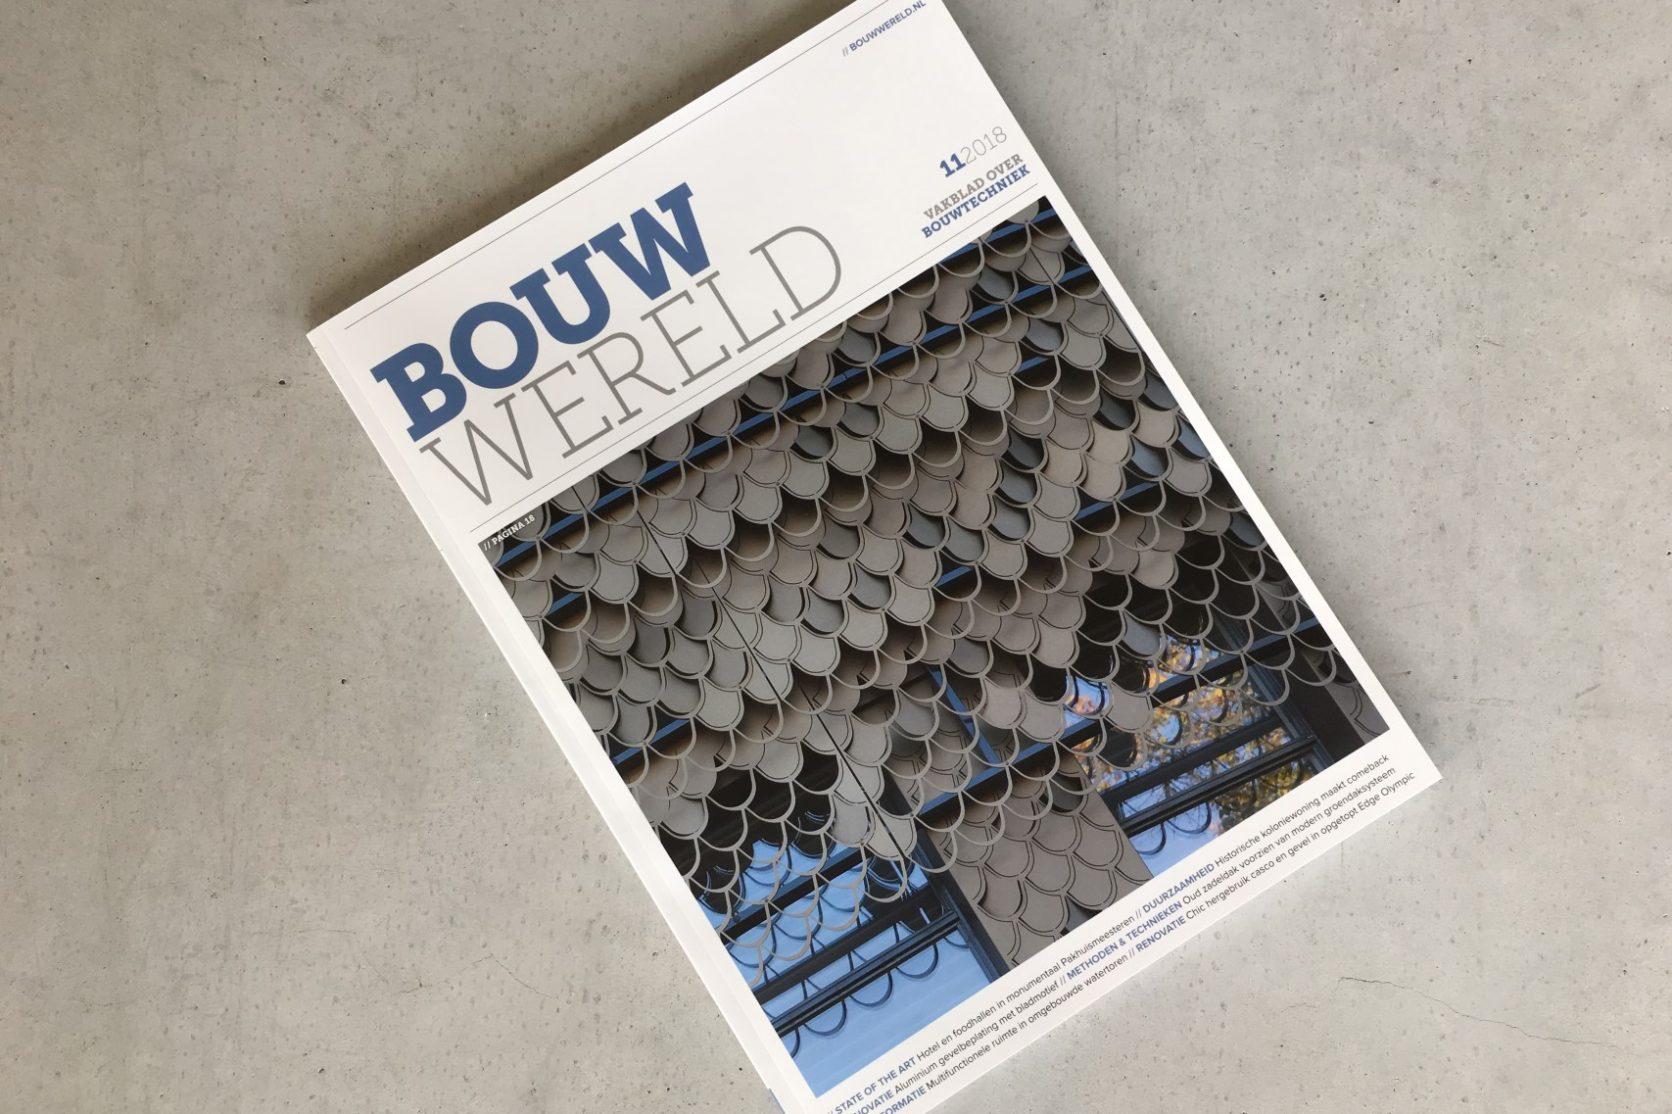 Artikel Bouwwereld Plantsoen Leiden Bladmotief gevel